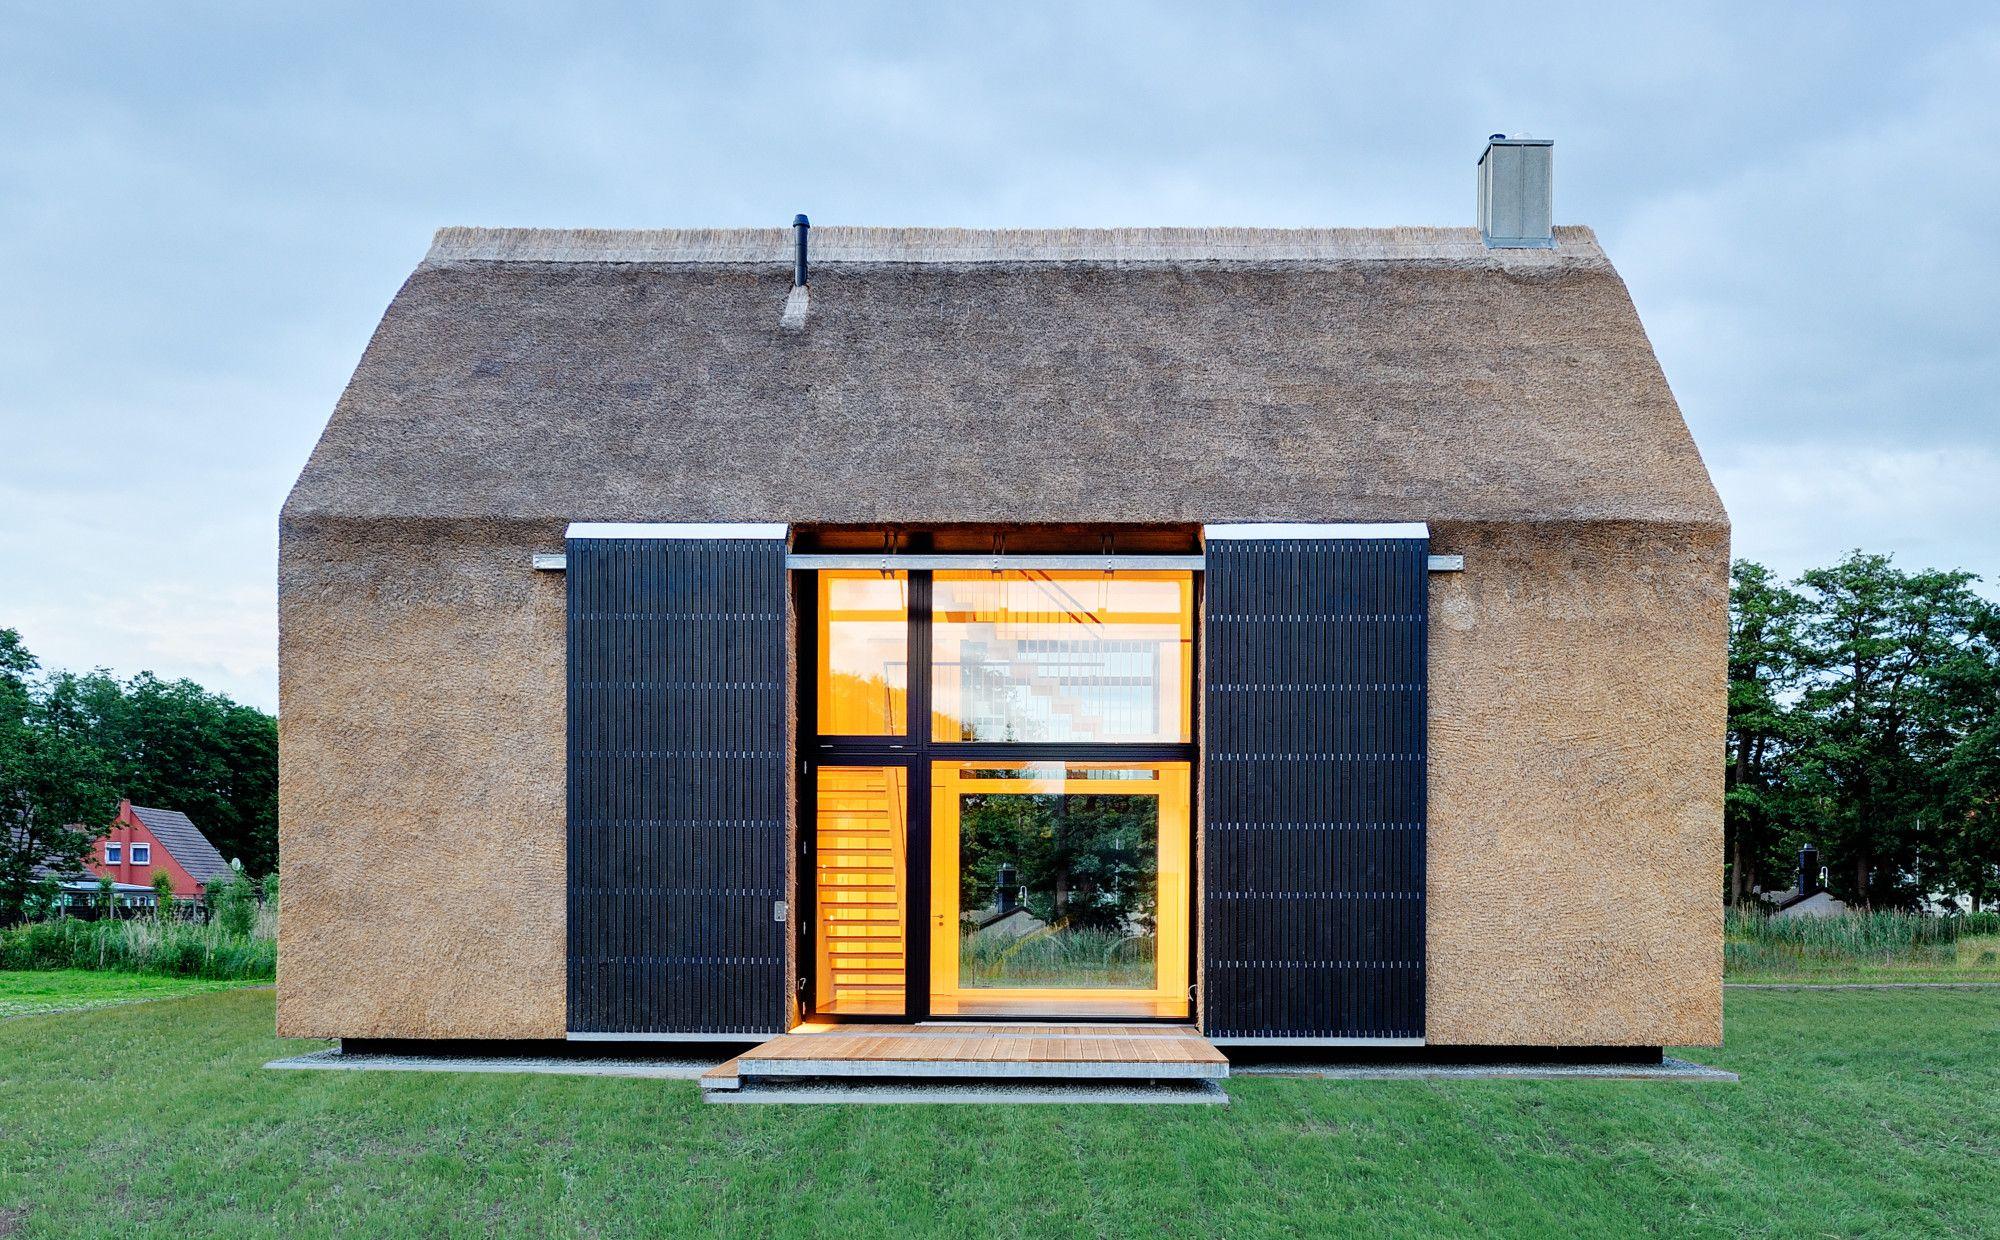 Nachhaltig Bauen ferienhäuser scheunentrio in prerow nachhaltig bauen wohnen